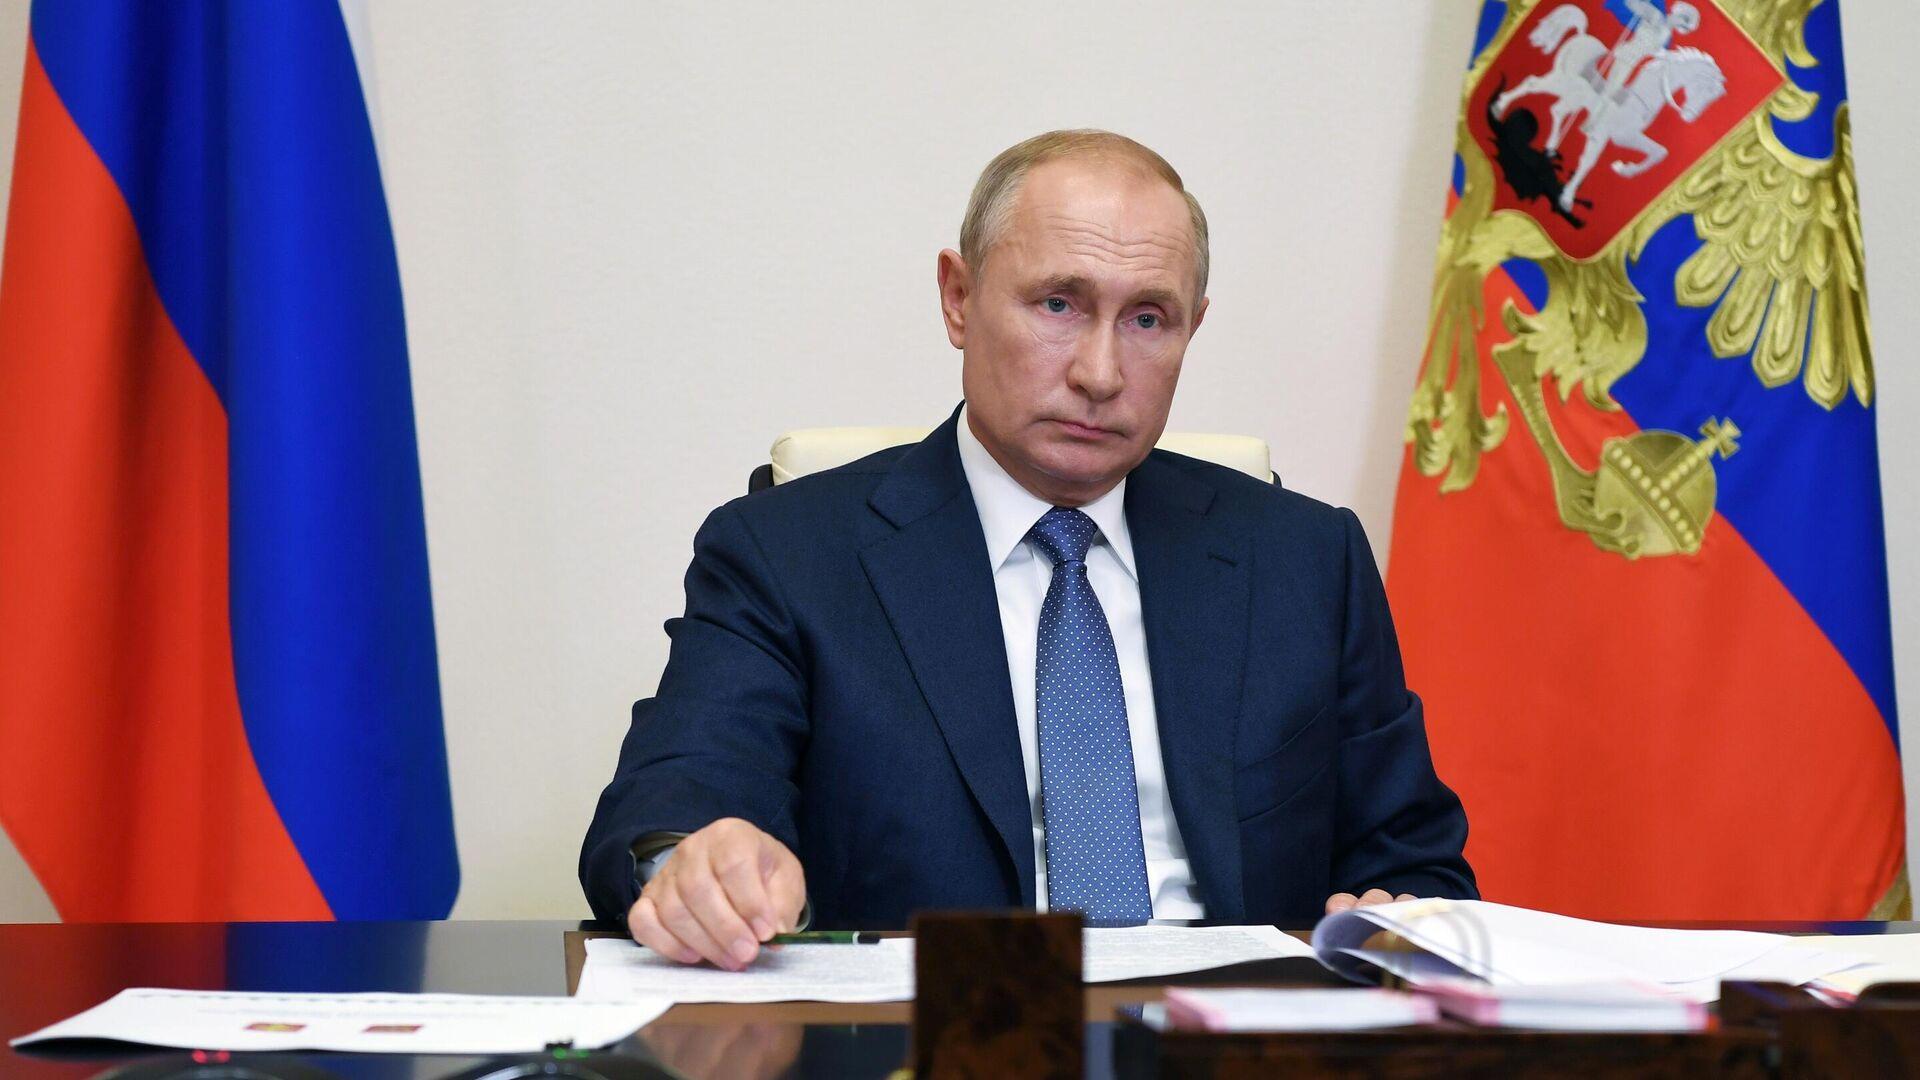 1576528912 0:272:2878:1891 1920x0 80 0 0 796c66dd594769de92ecd95102aefce6 - Путин проведет совещание с правительством во вторник